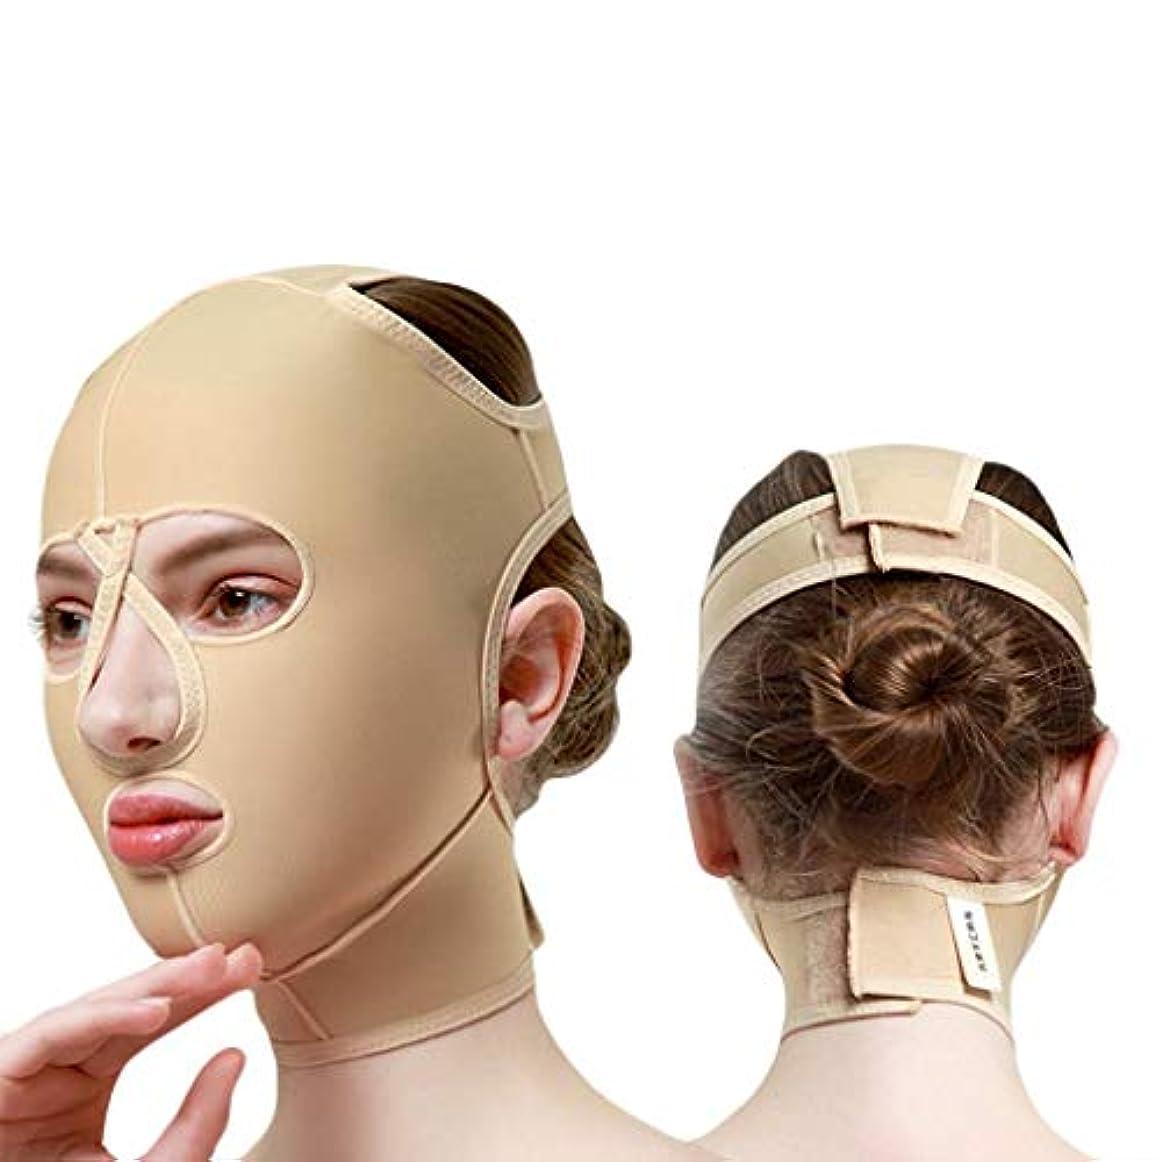 かけるハプニング始まりチンストラップ、顔彫りツール、リフティングマスク、ダブルチンリデューサー、フェイスリフティングエラスティックマスクメス(サイズ:M),XXL